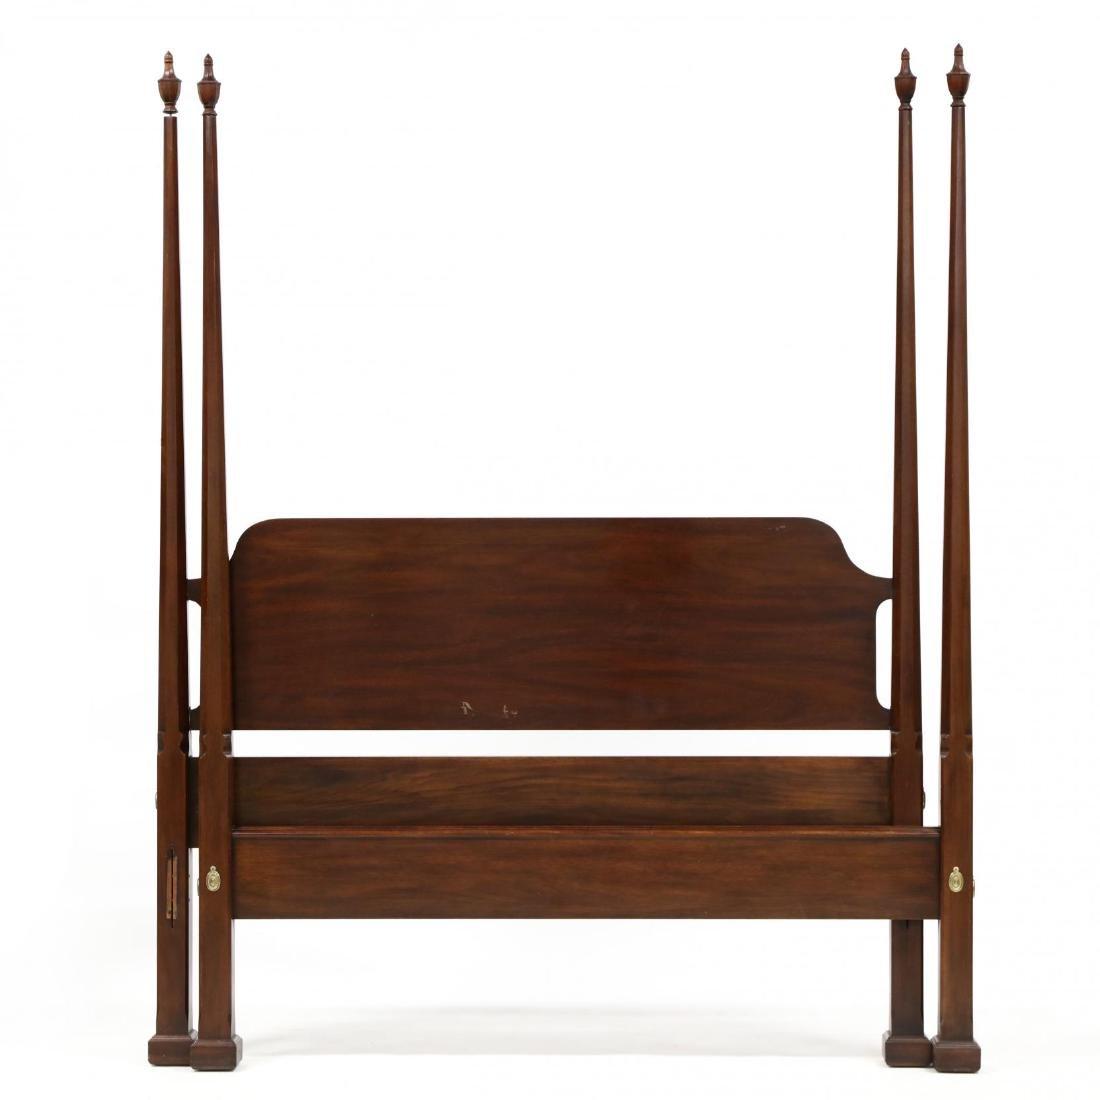 Henkel Harris, Queen Size Mahogany Tall Post Bed